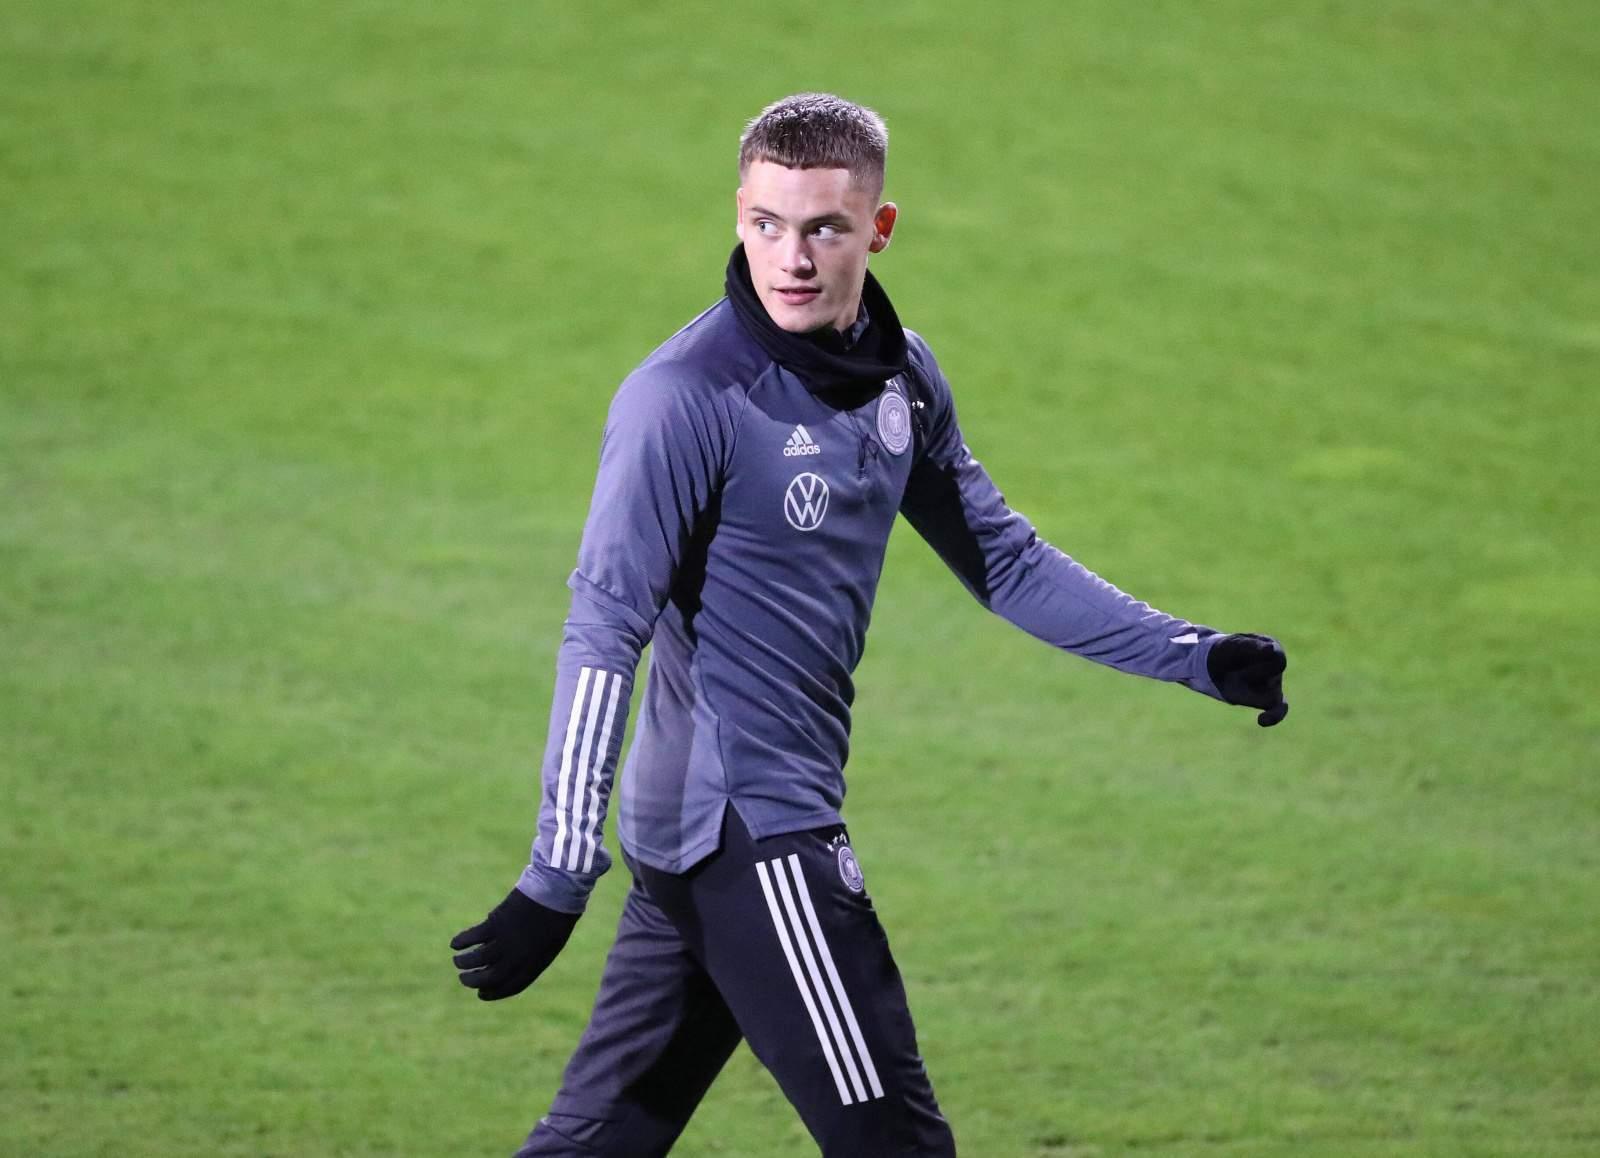 Молодёжная сборная Германии вышла в финал, обыграв Голландию